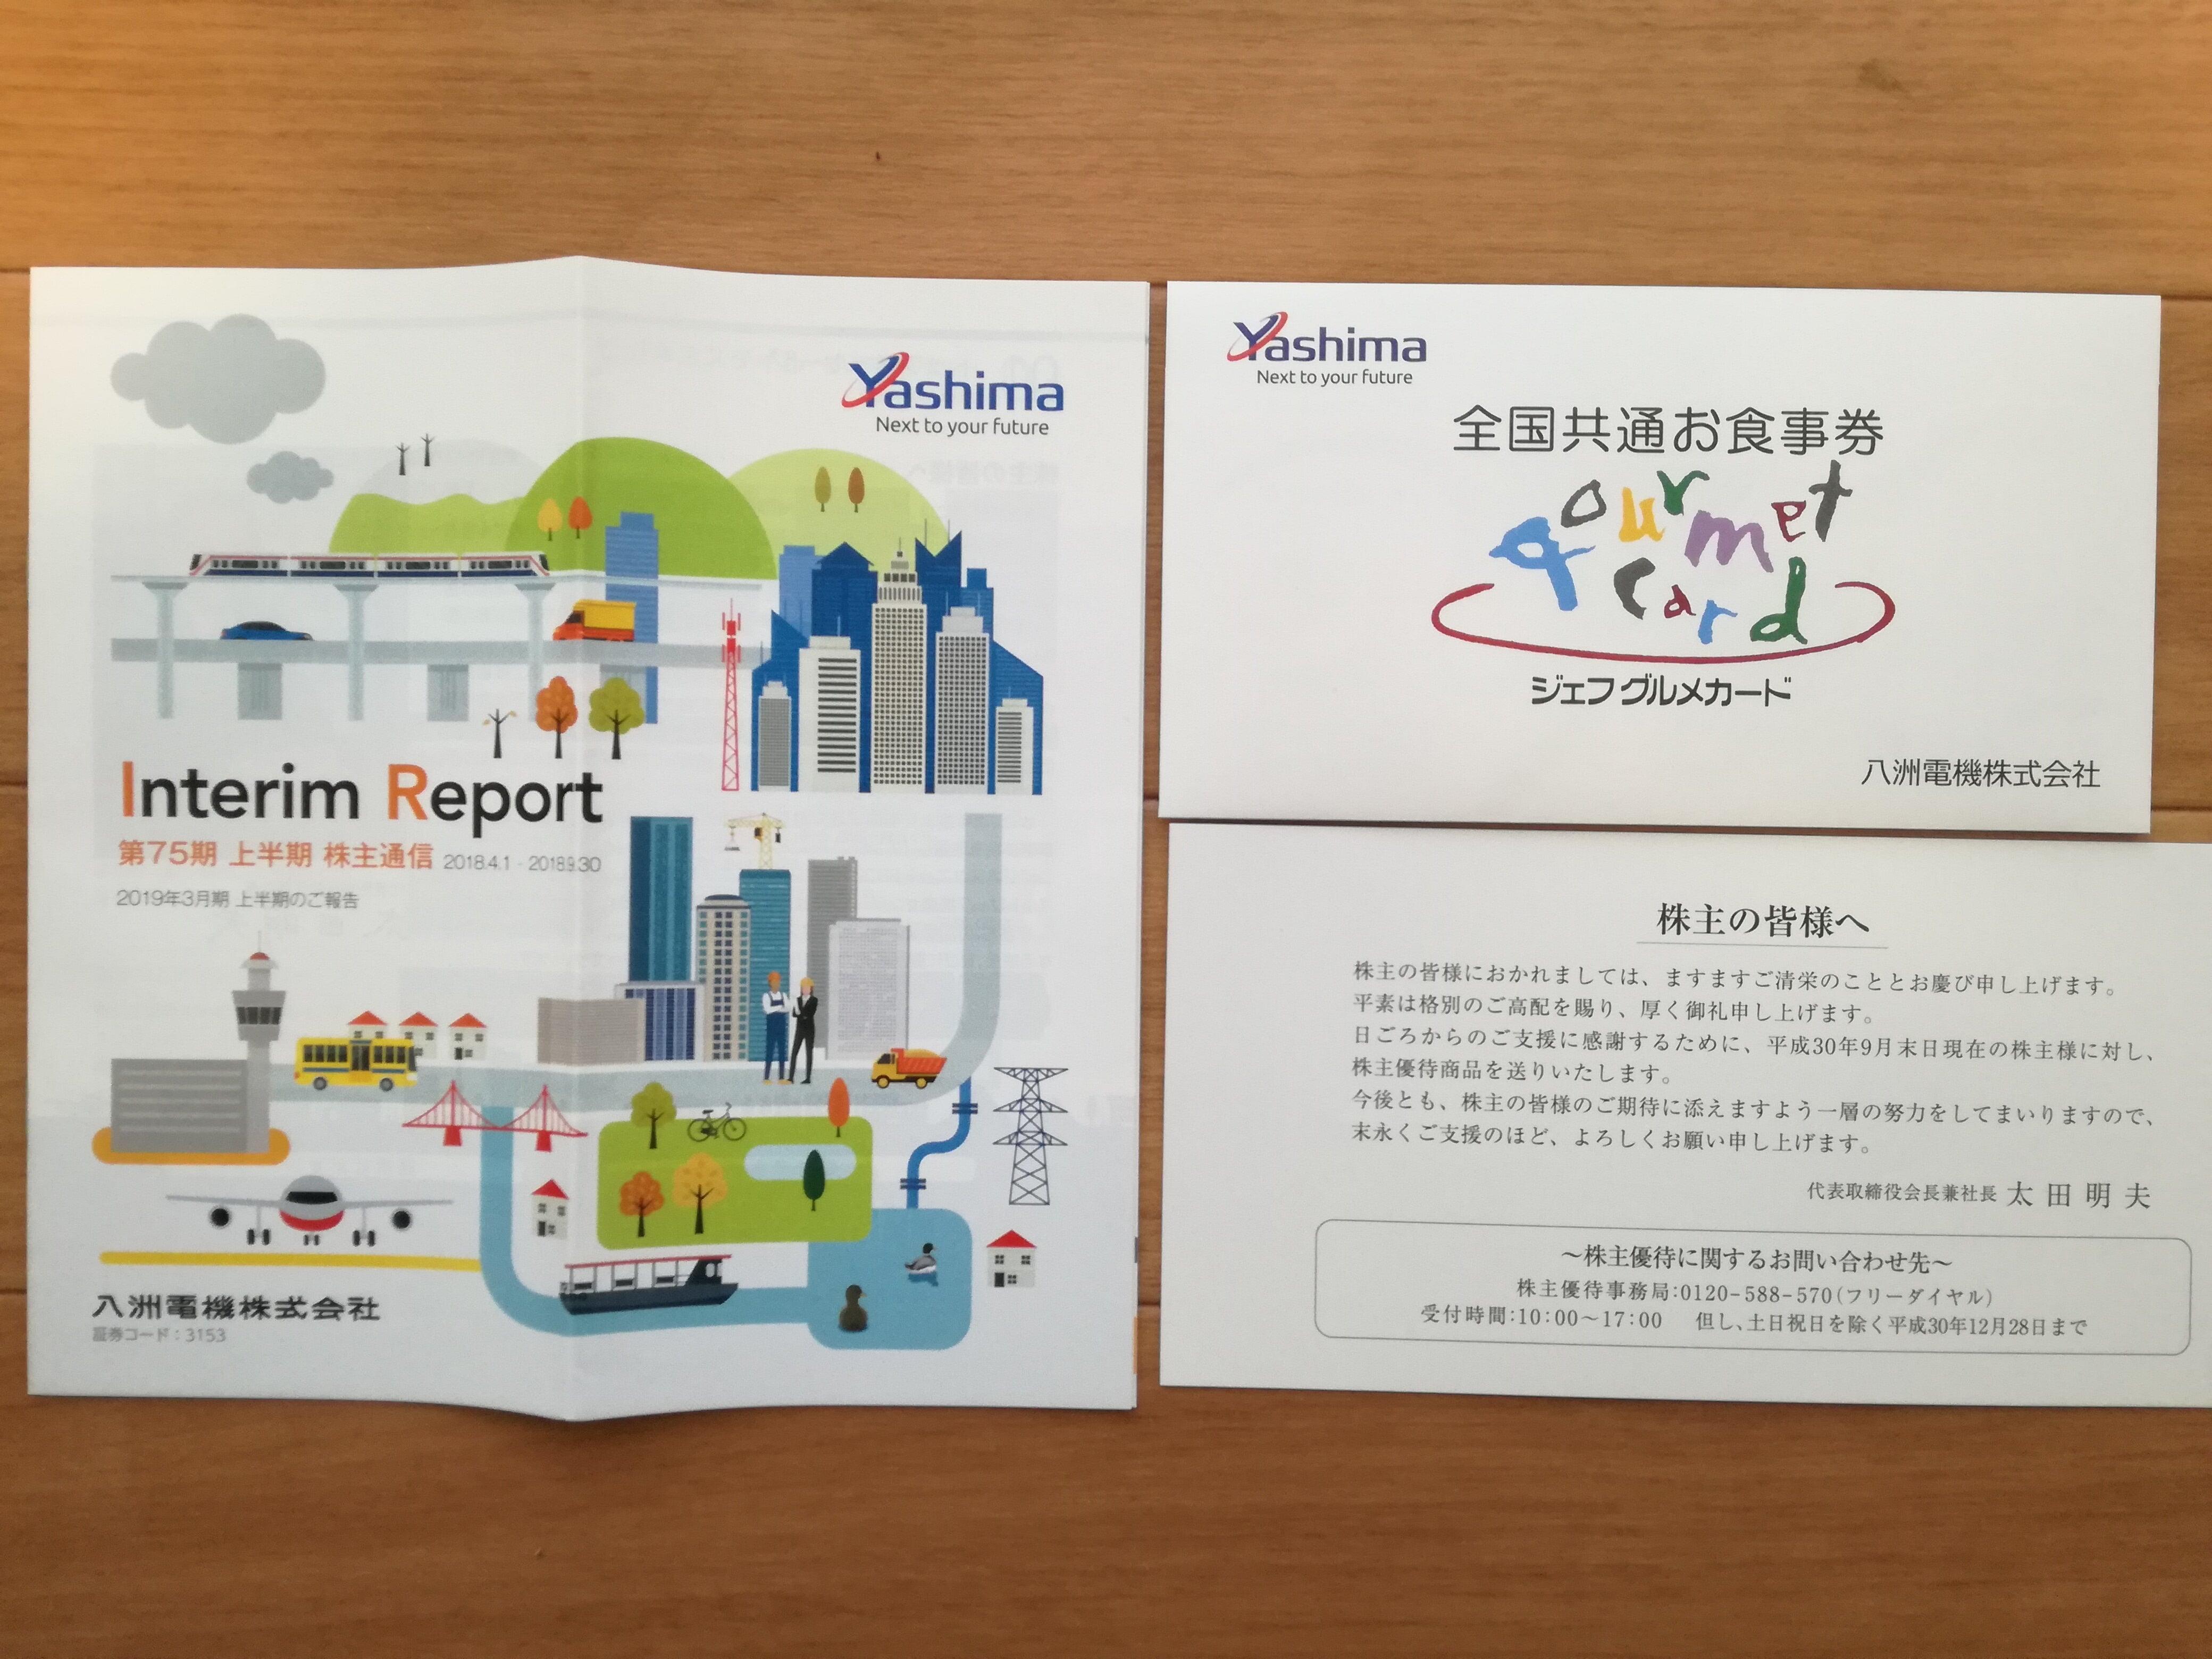 八洲電機(3153)から株主優待のジェフグルメカード2,000円分が到着!